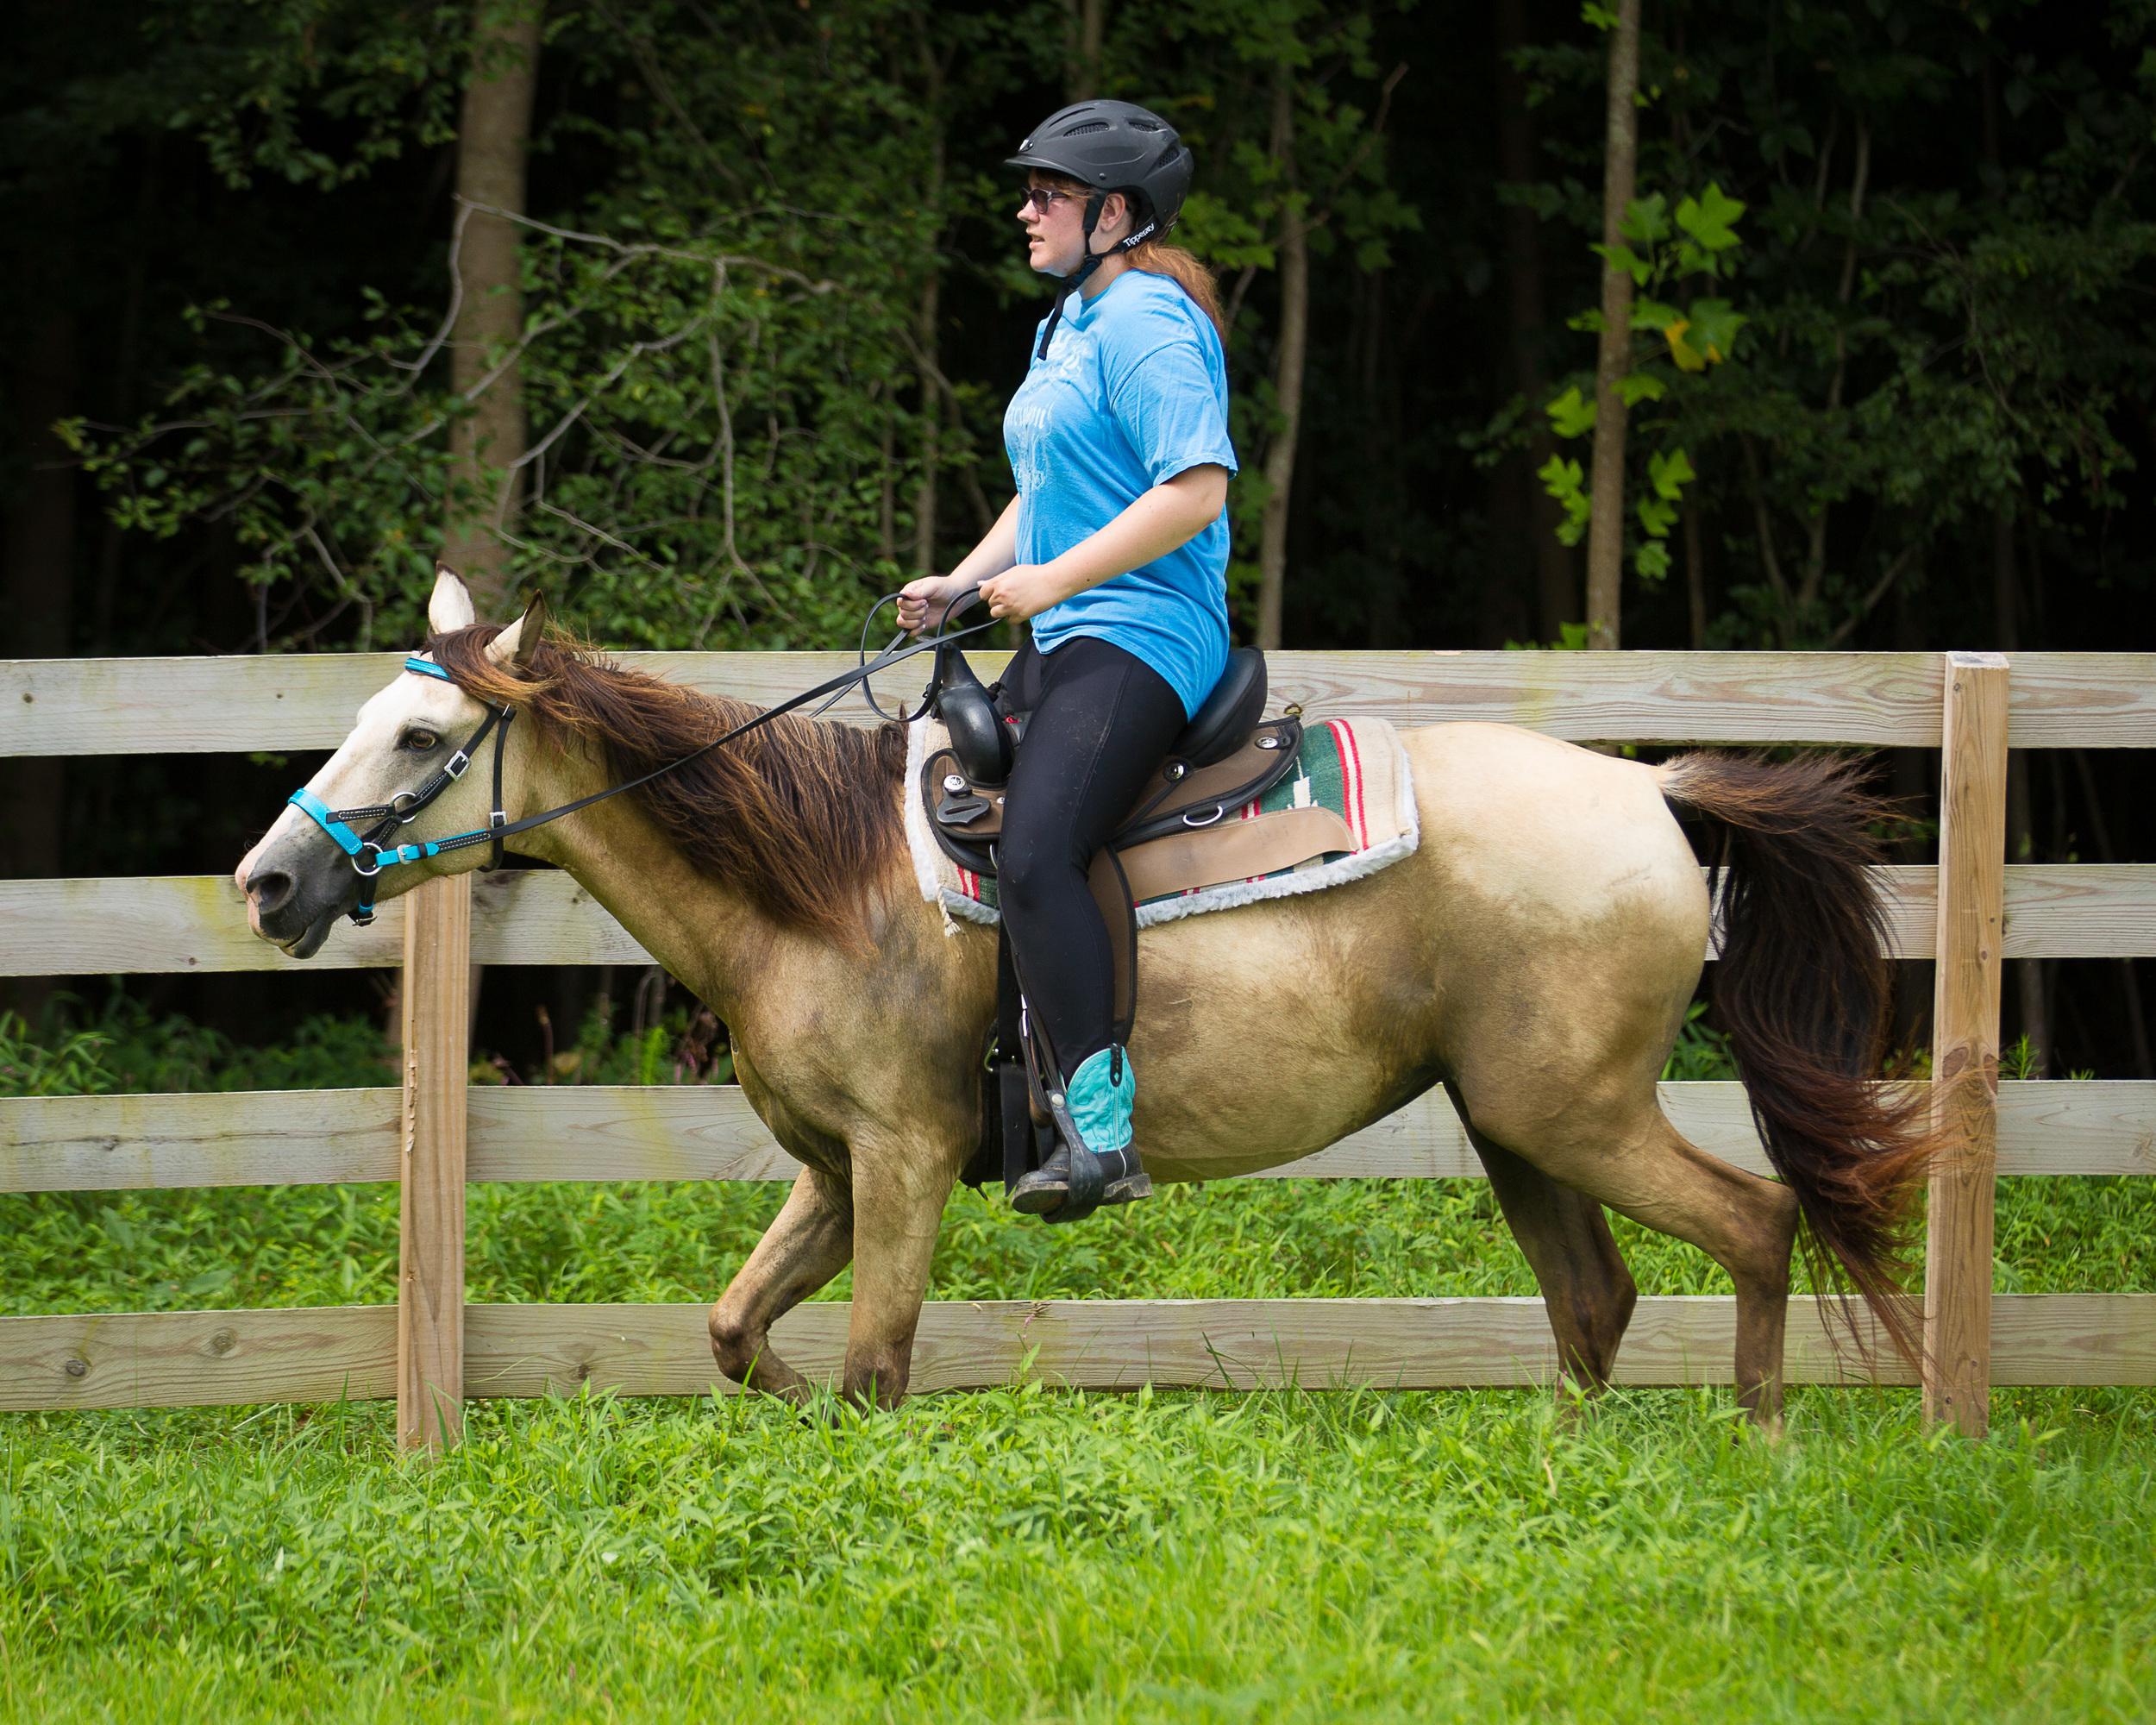 Ashley riding Inanna